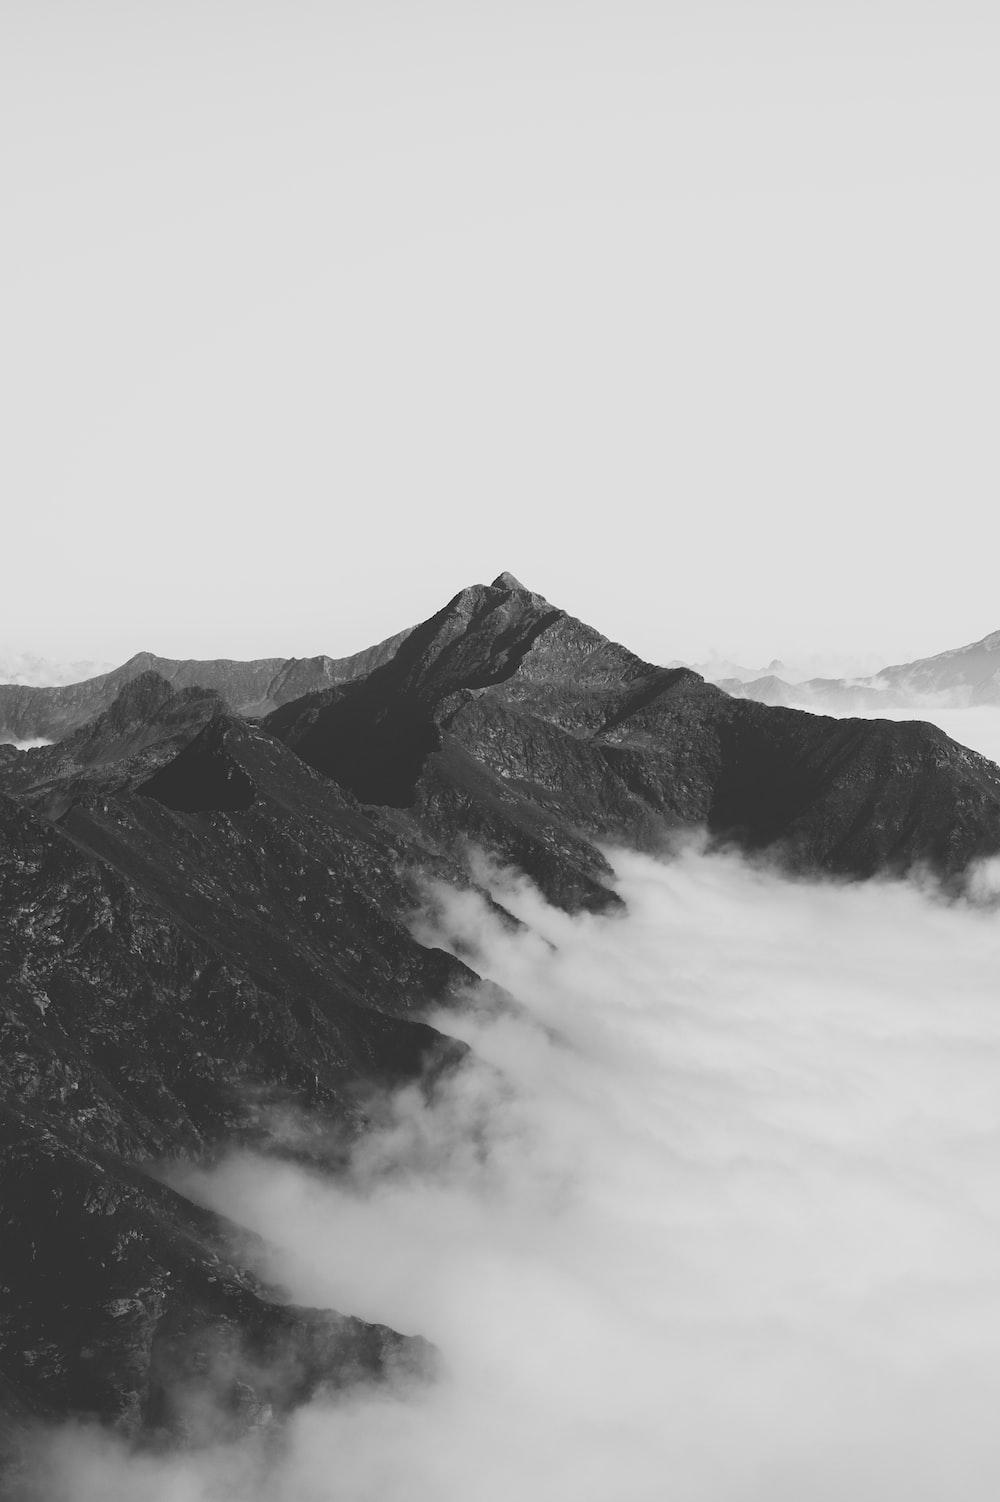 grey mountain under white sky